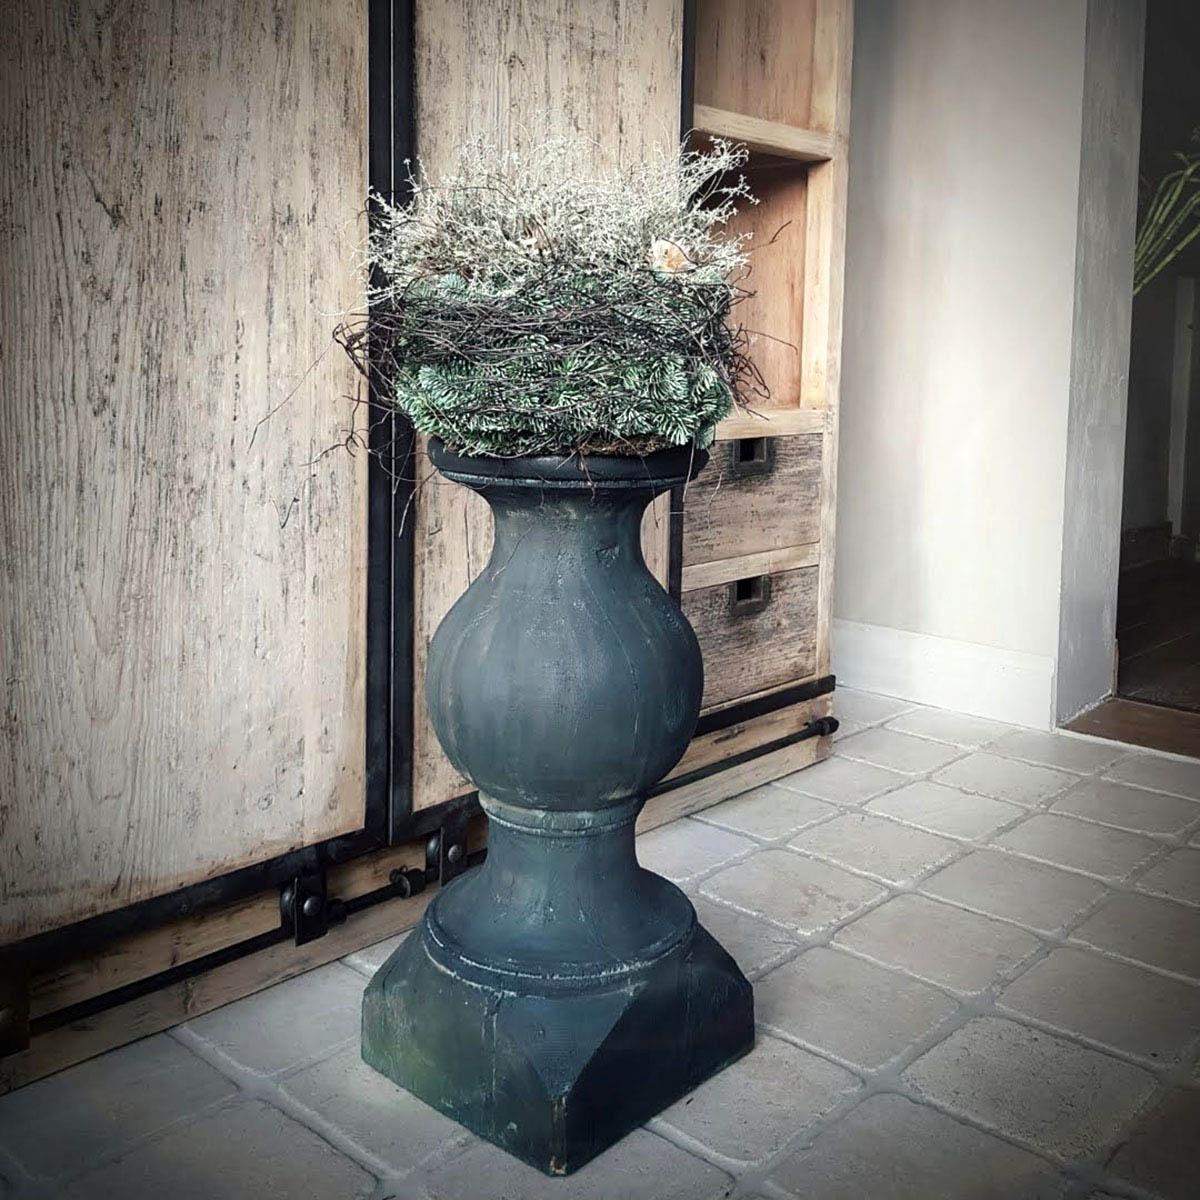 Afbeelding van baluster antraciet olijfgroen op leistenen tegelvloer voor galerij Antérieur Authentique webshop